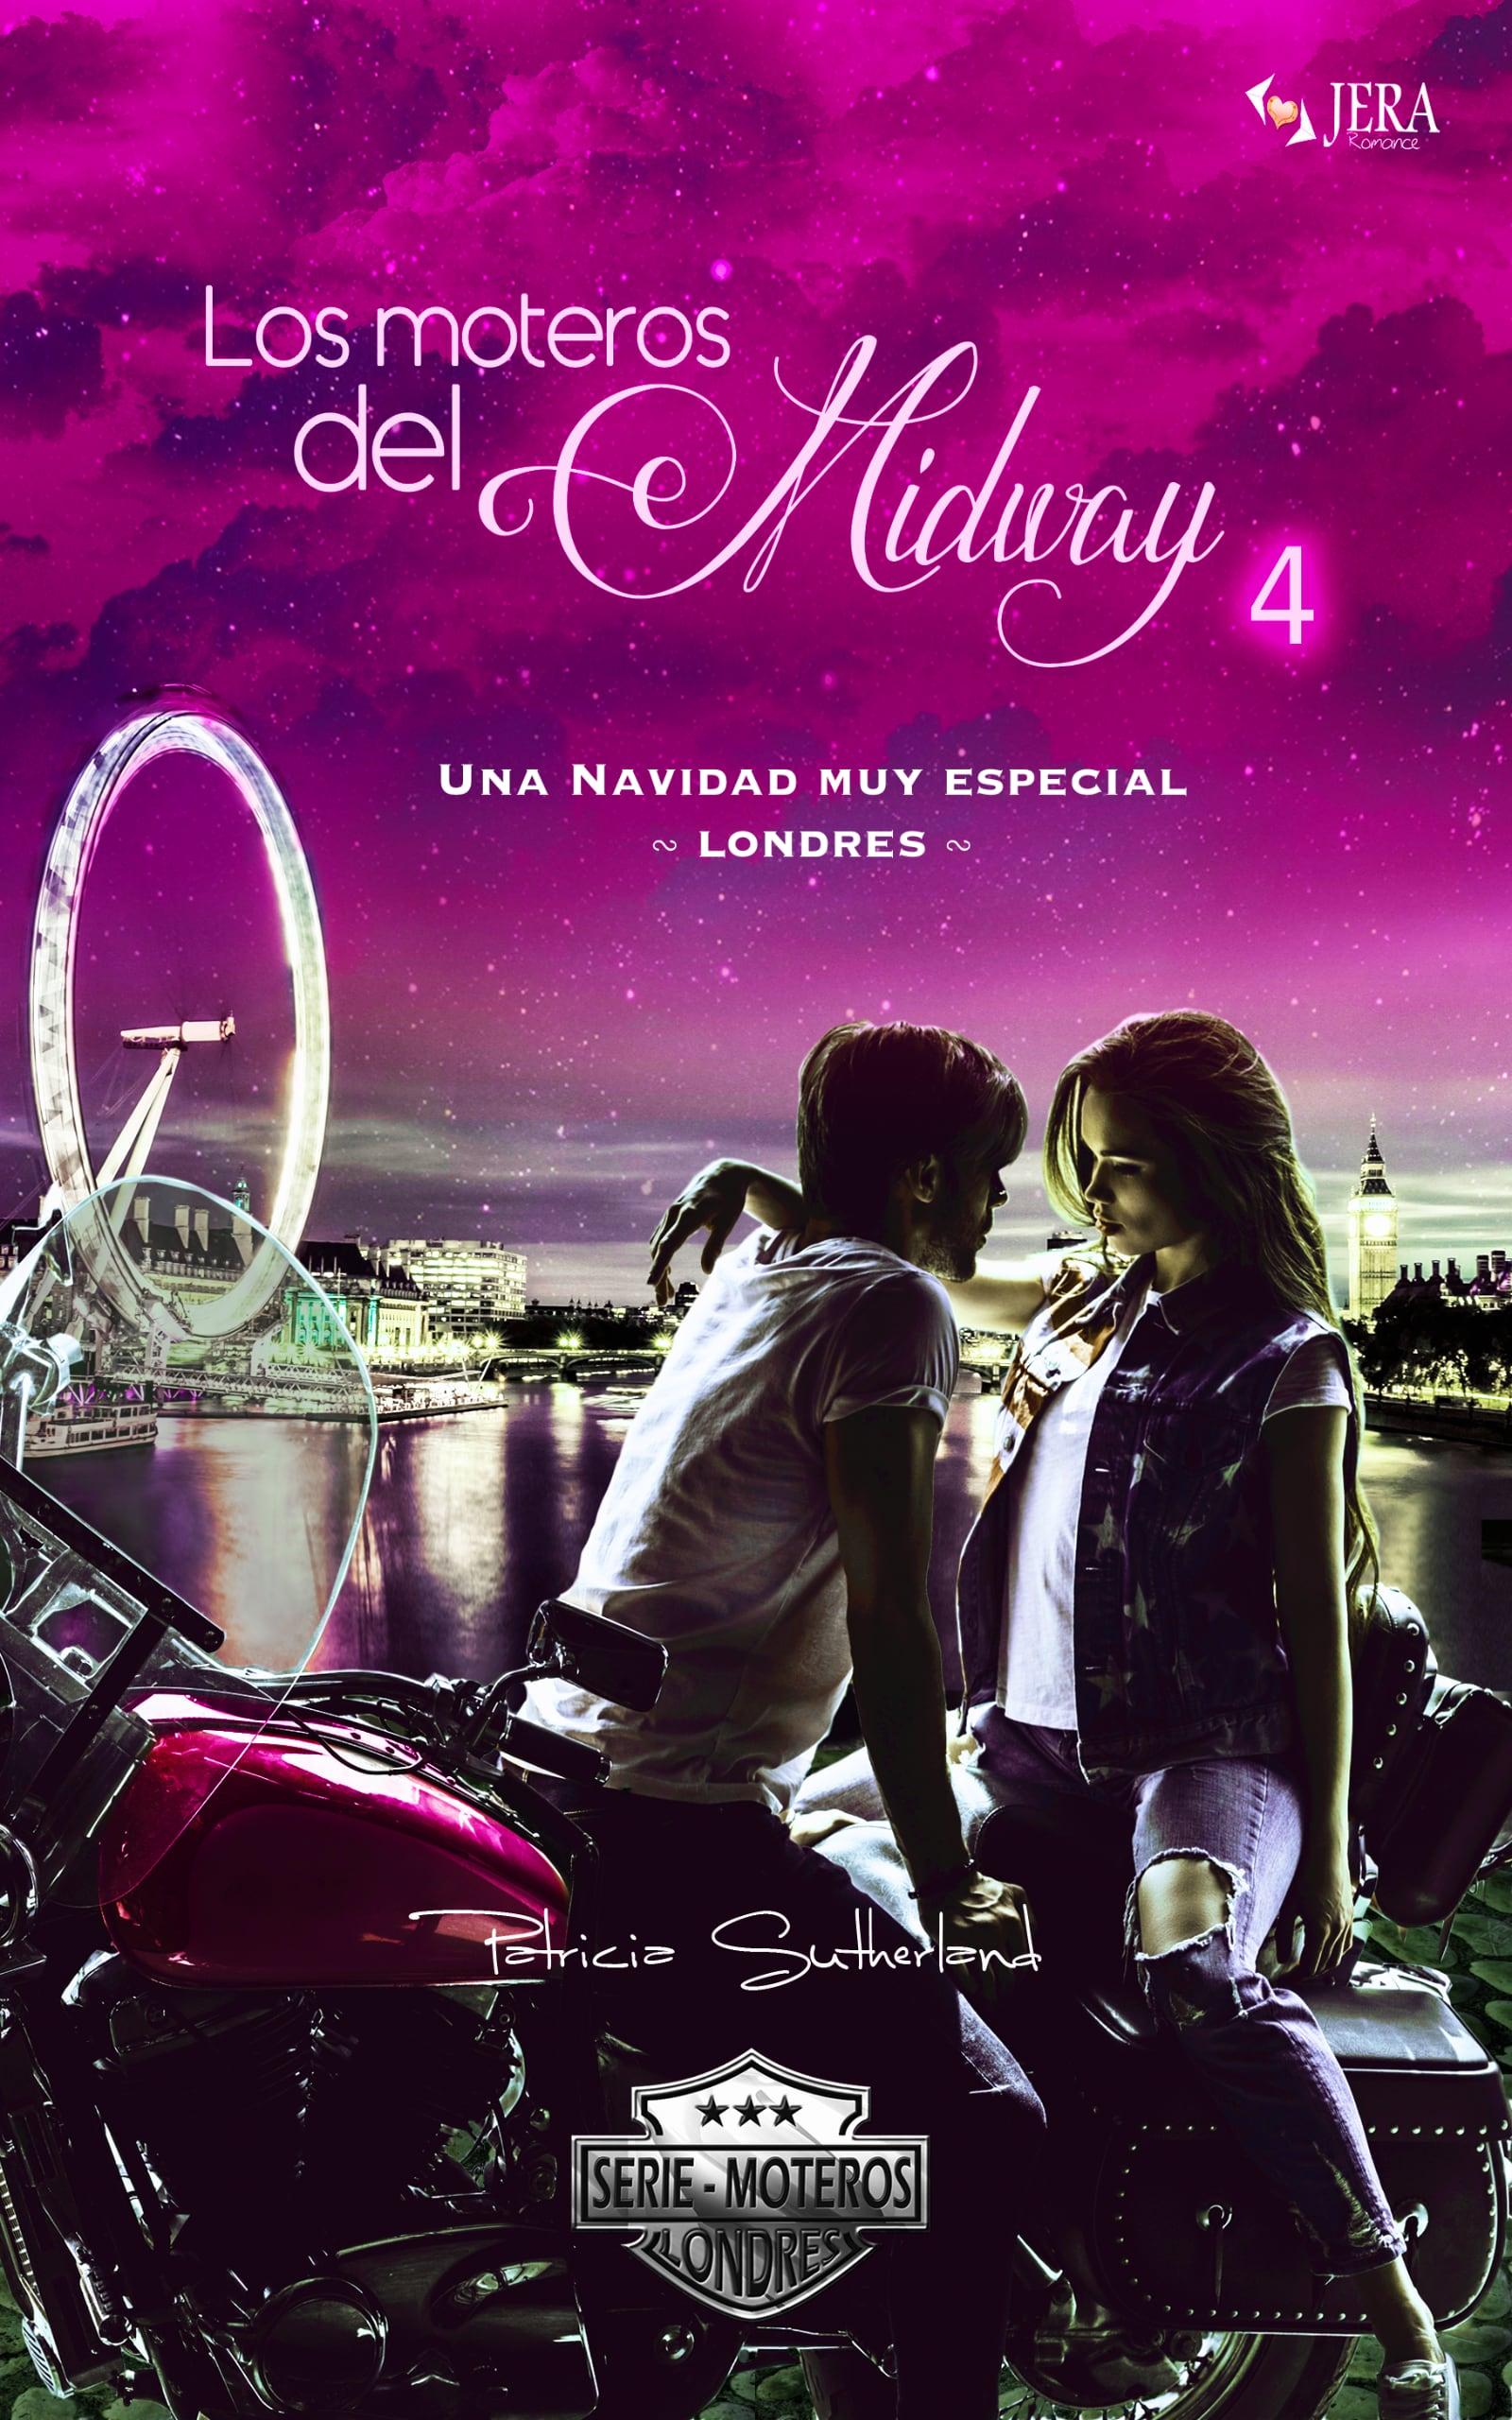 Los moteros del MidWay, 4. Extras Serie Moteros  # 10